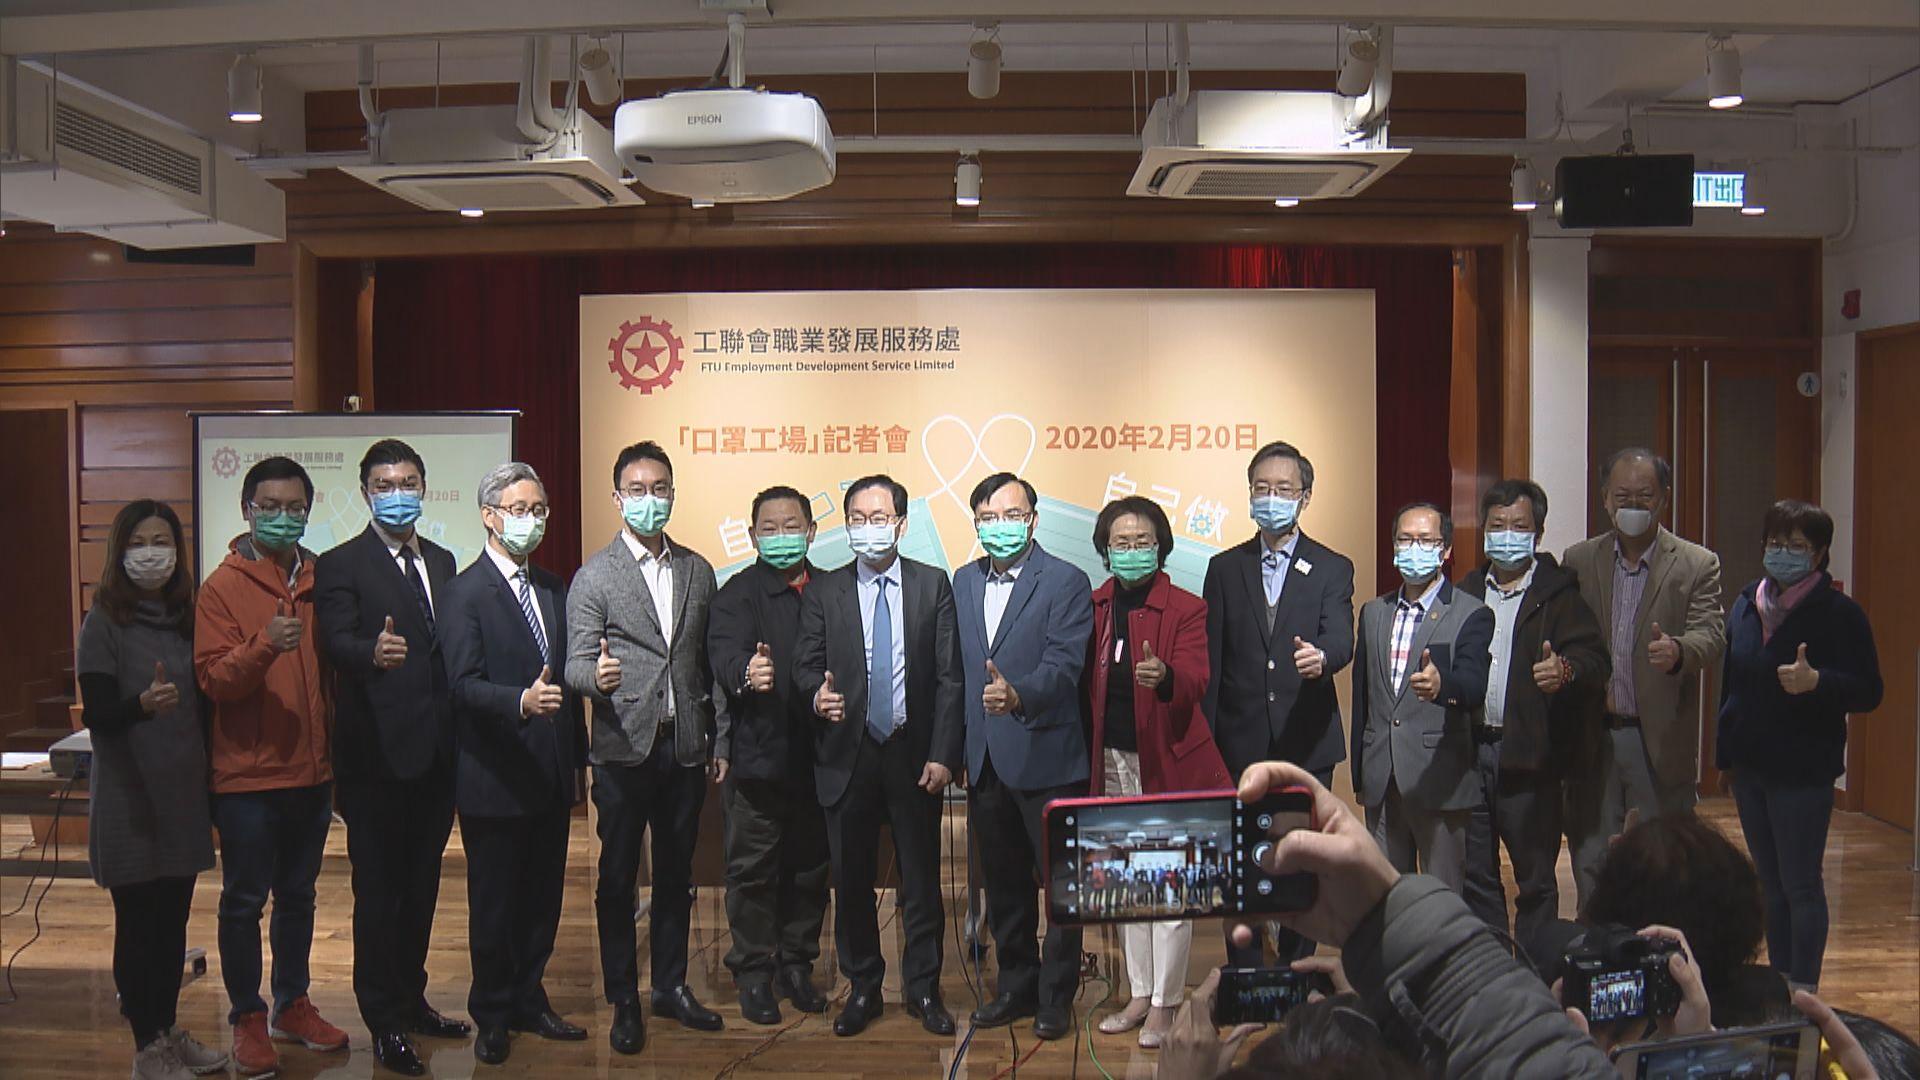 工聯會開設口罩工場 首階段料月產十萬口罩